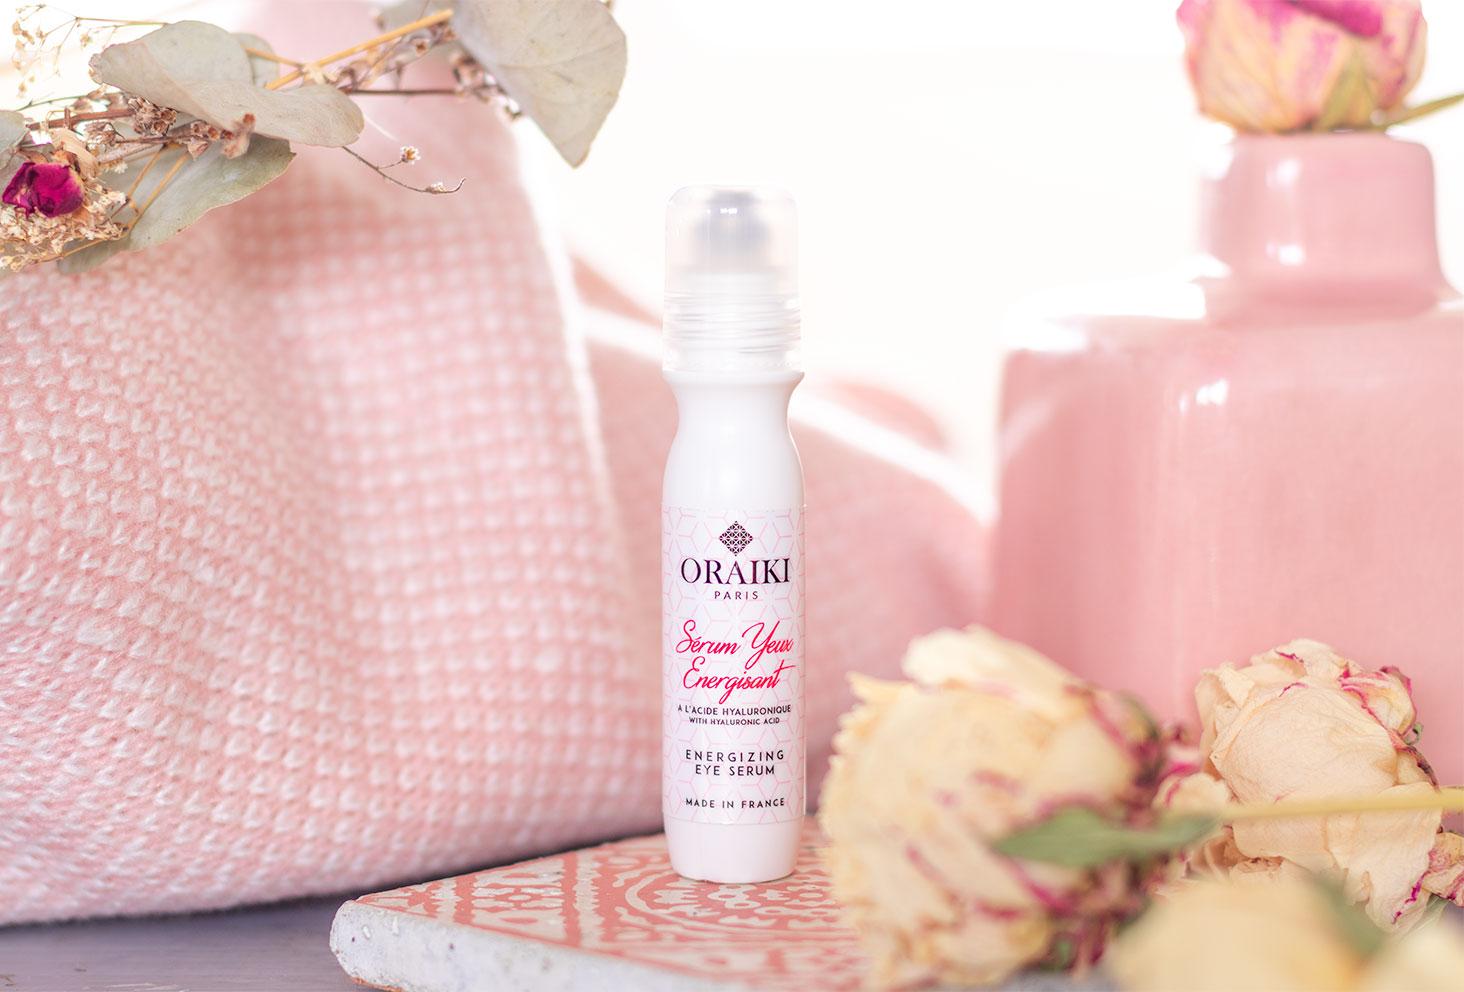 Le sérum énergisant pour les yeux Oraiki posé sur un carreaux de ciment dans un ambiance de salle de bain rose